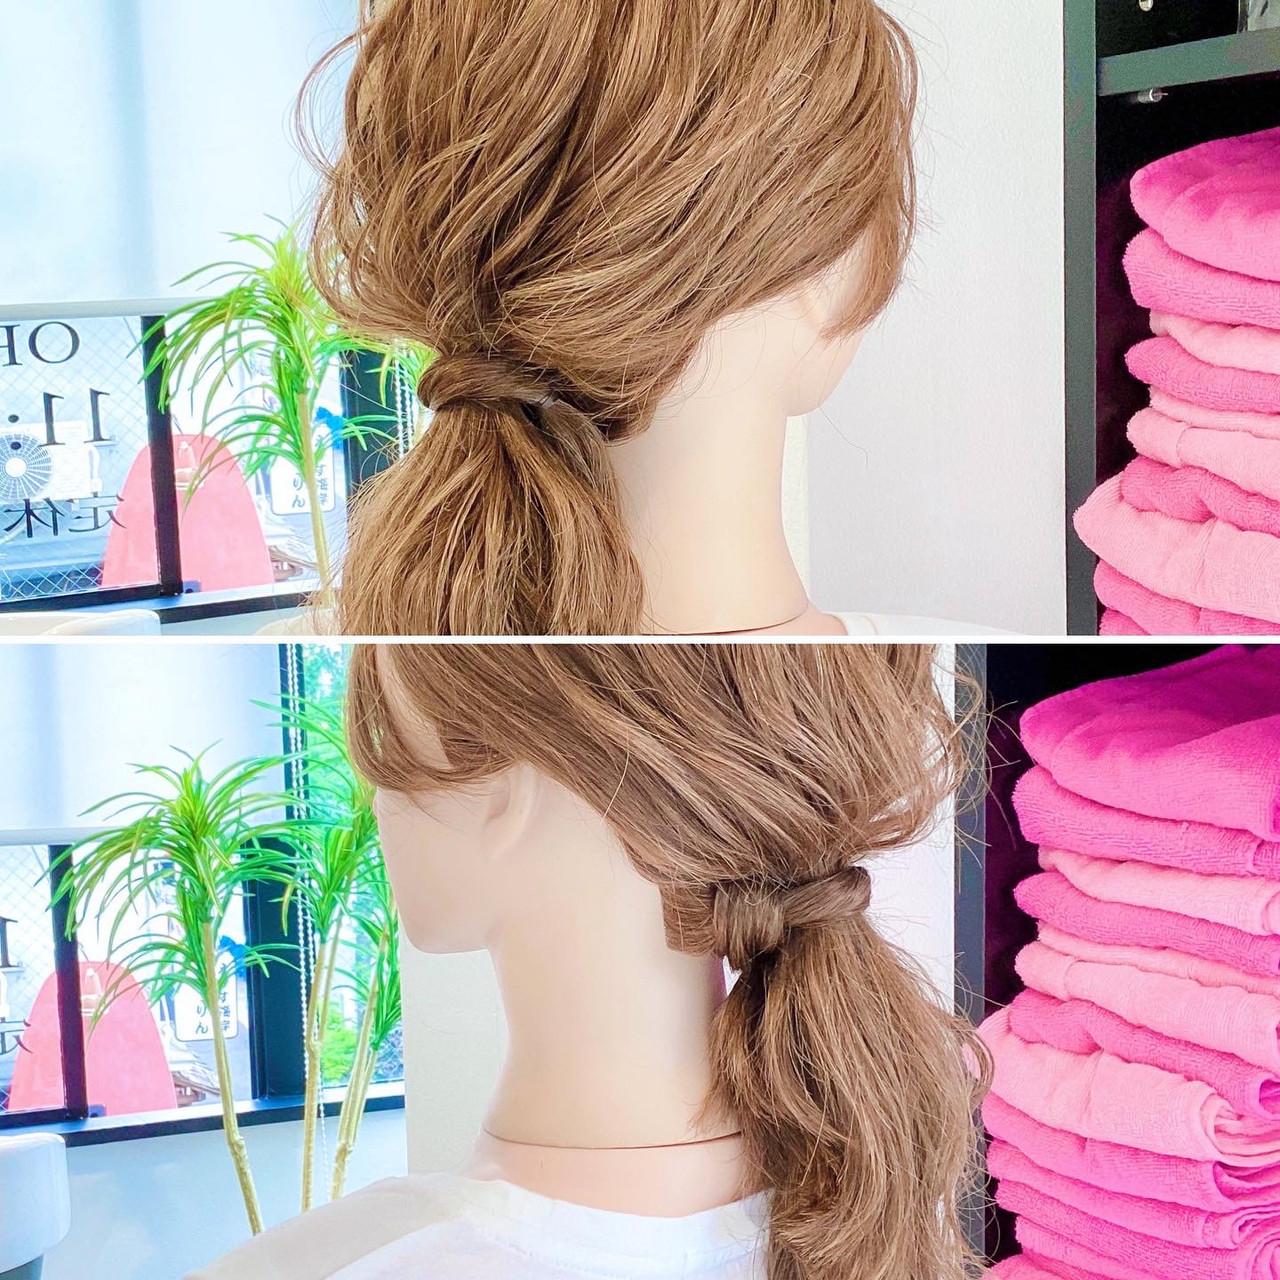 ローポニーテール 簡単ヘアアレンジ ヘアアレンジ ポニーテール ヘアスタイルや髪型の写真・画像